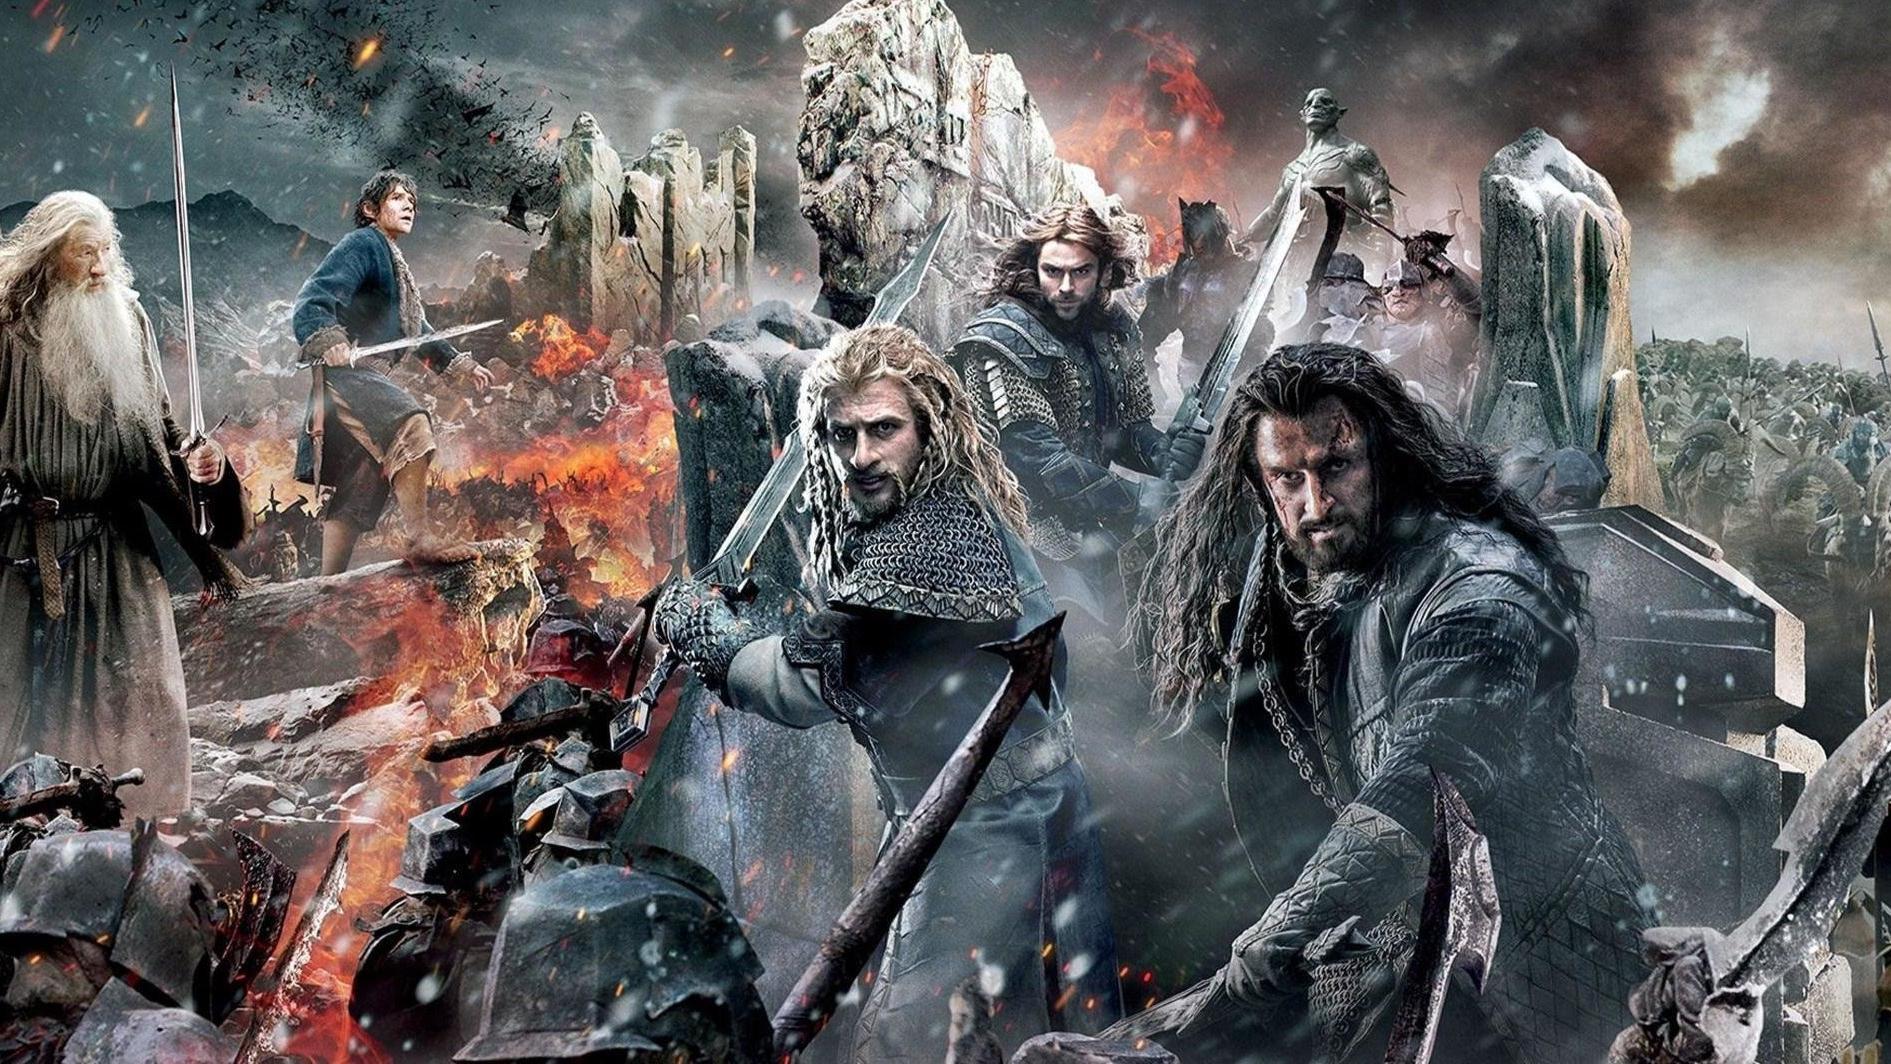 【阿斗】爷爷山丘之王被杀,孙子带着11个矮人靠霍比特人偷宝石夺回老家,史诗巨作《霍比特人》